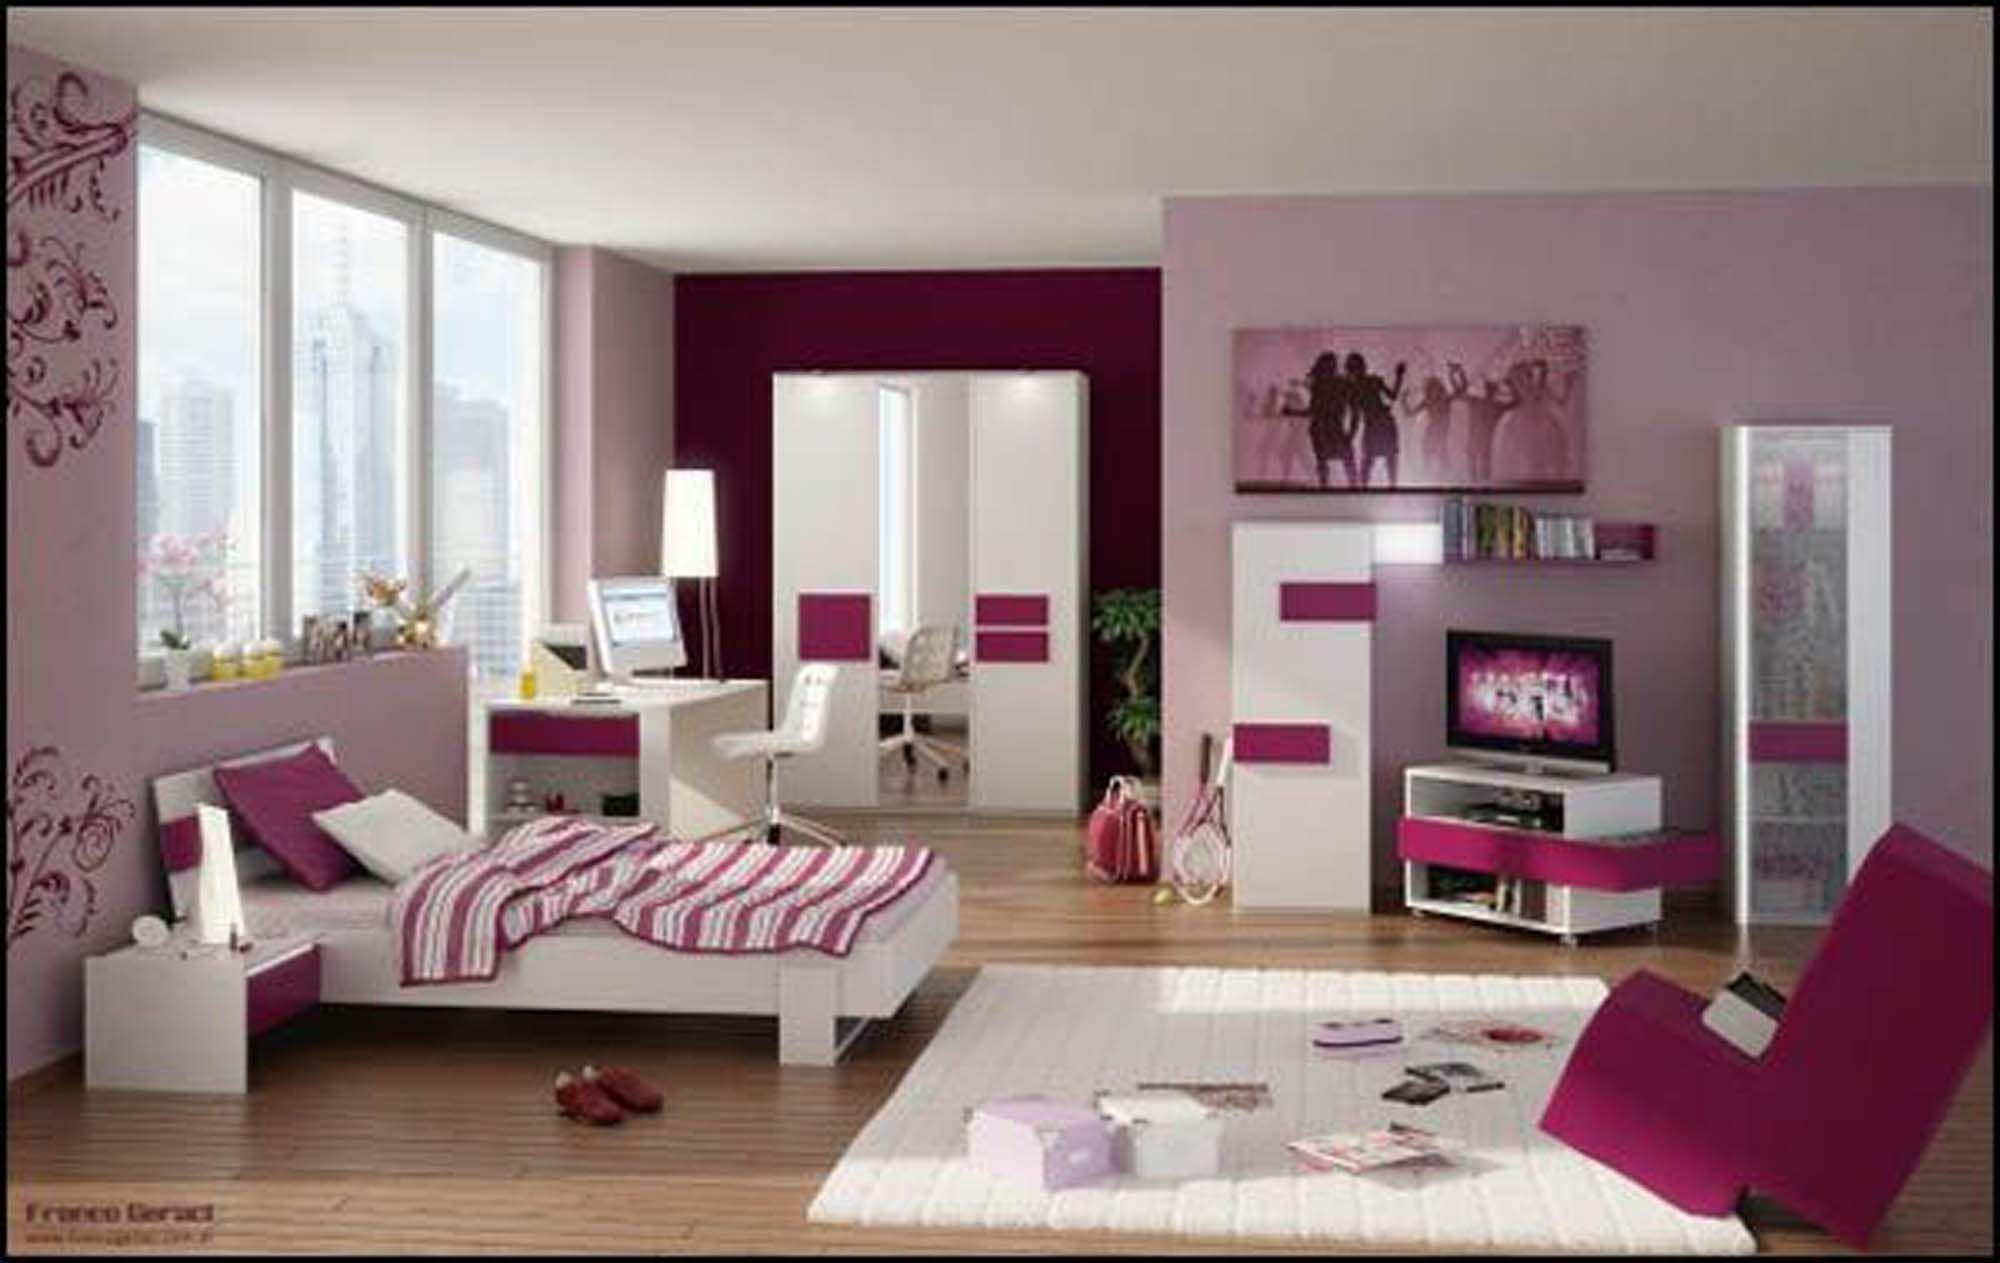 dormitorios juveniles - Buscar con Google | decoración | Pinterest ...